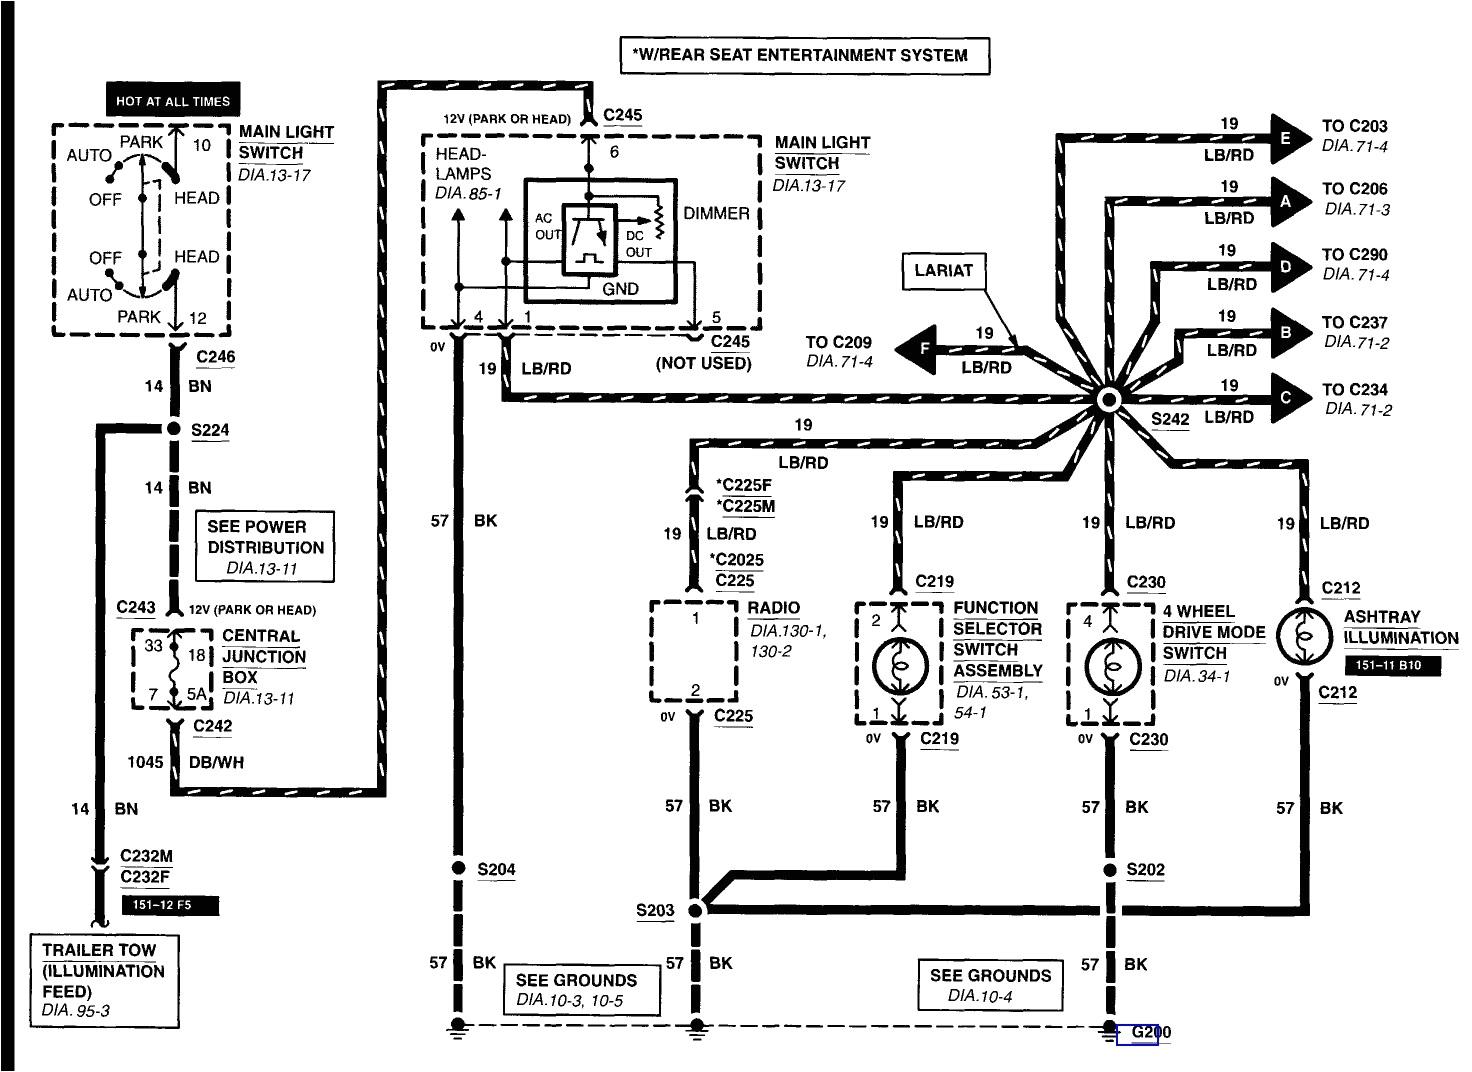 garmin 73sv wiring diagram 2005 ford f150 trailer wiring diagram download f150 wiring diagram 200 ford f50 wiring diagram 7n jpg